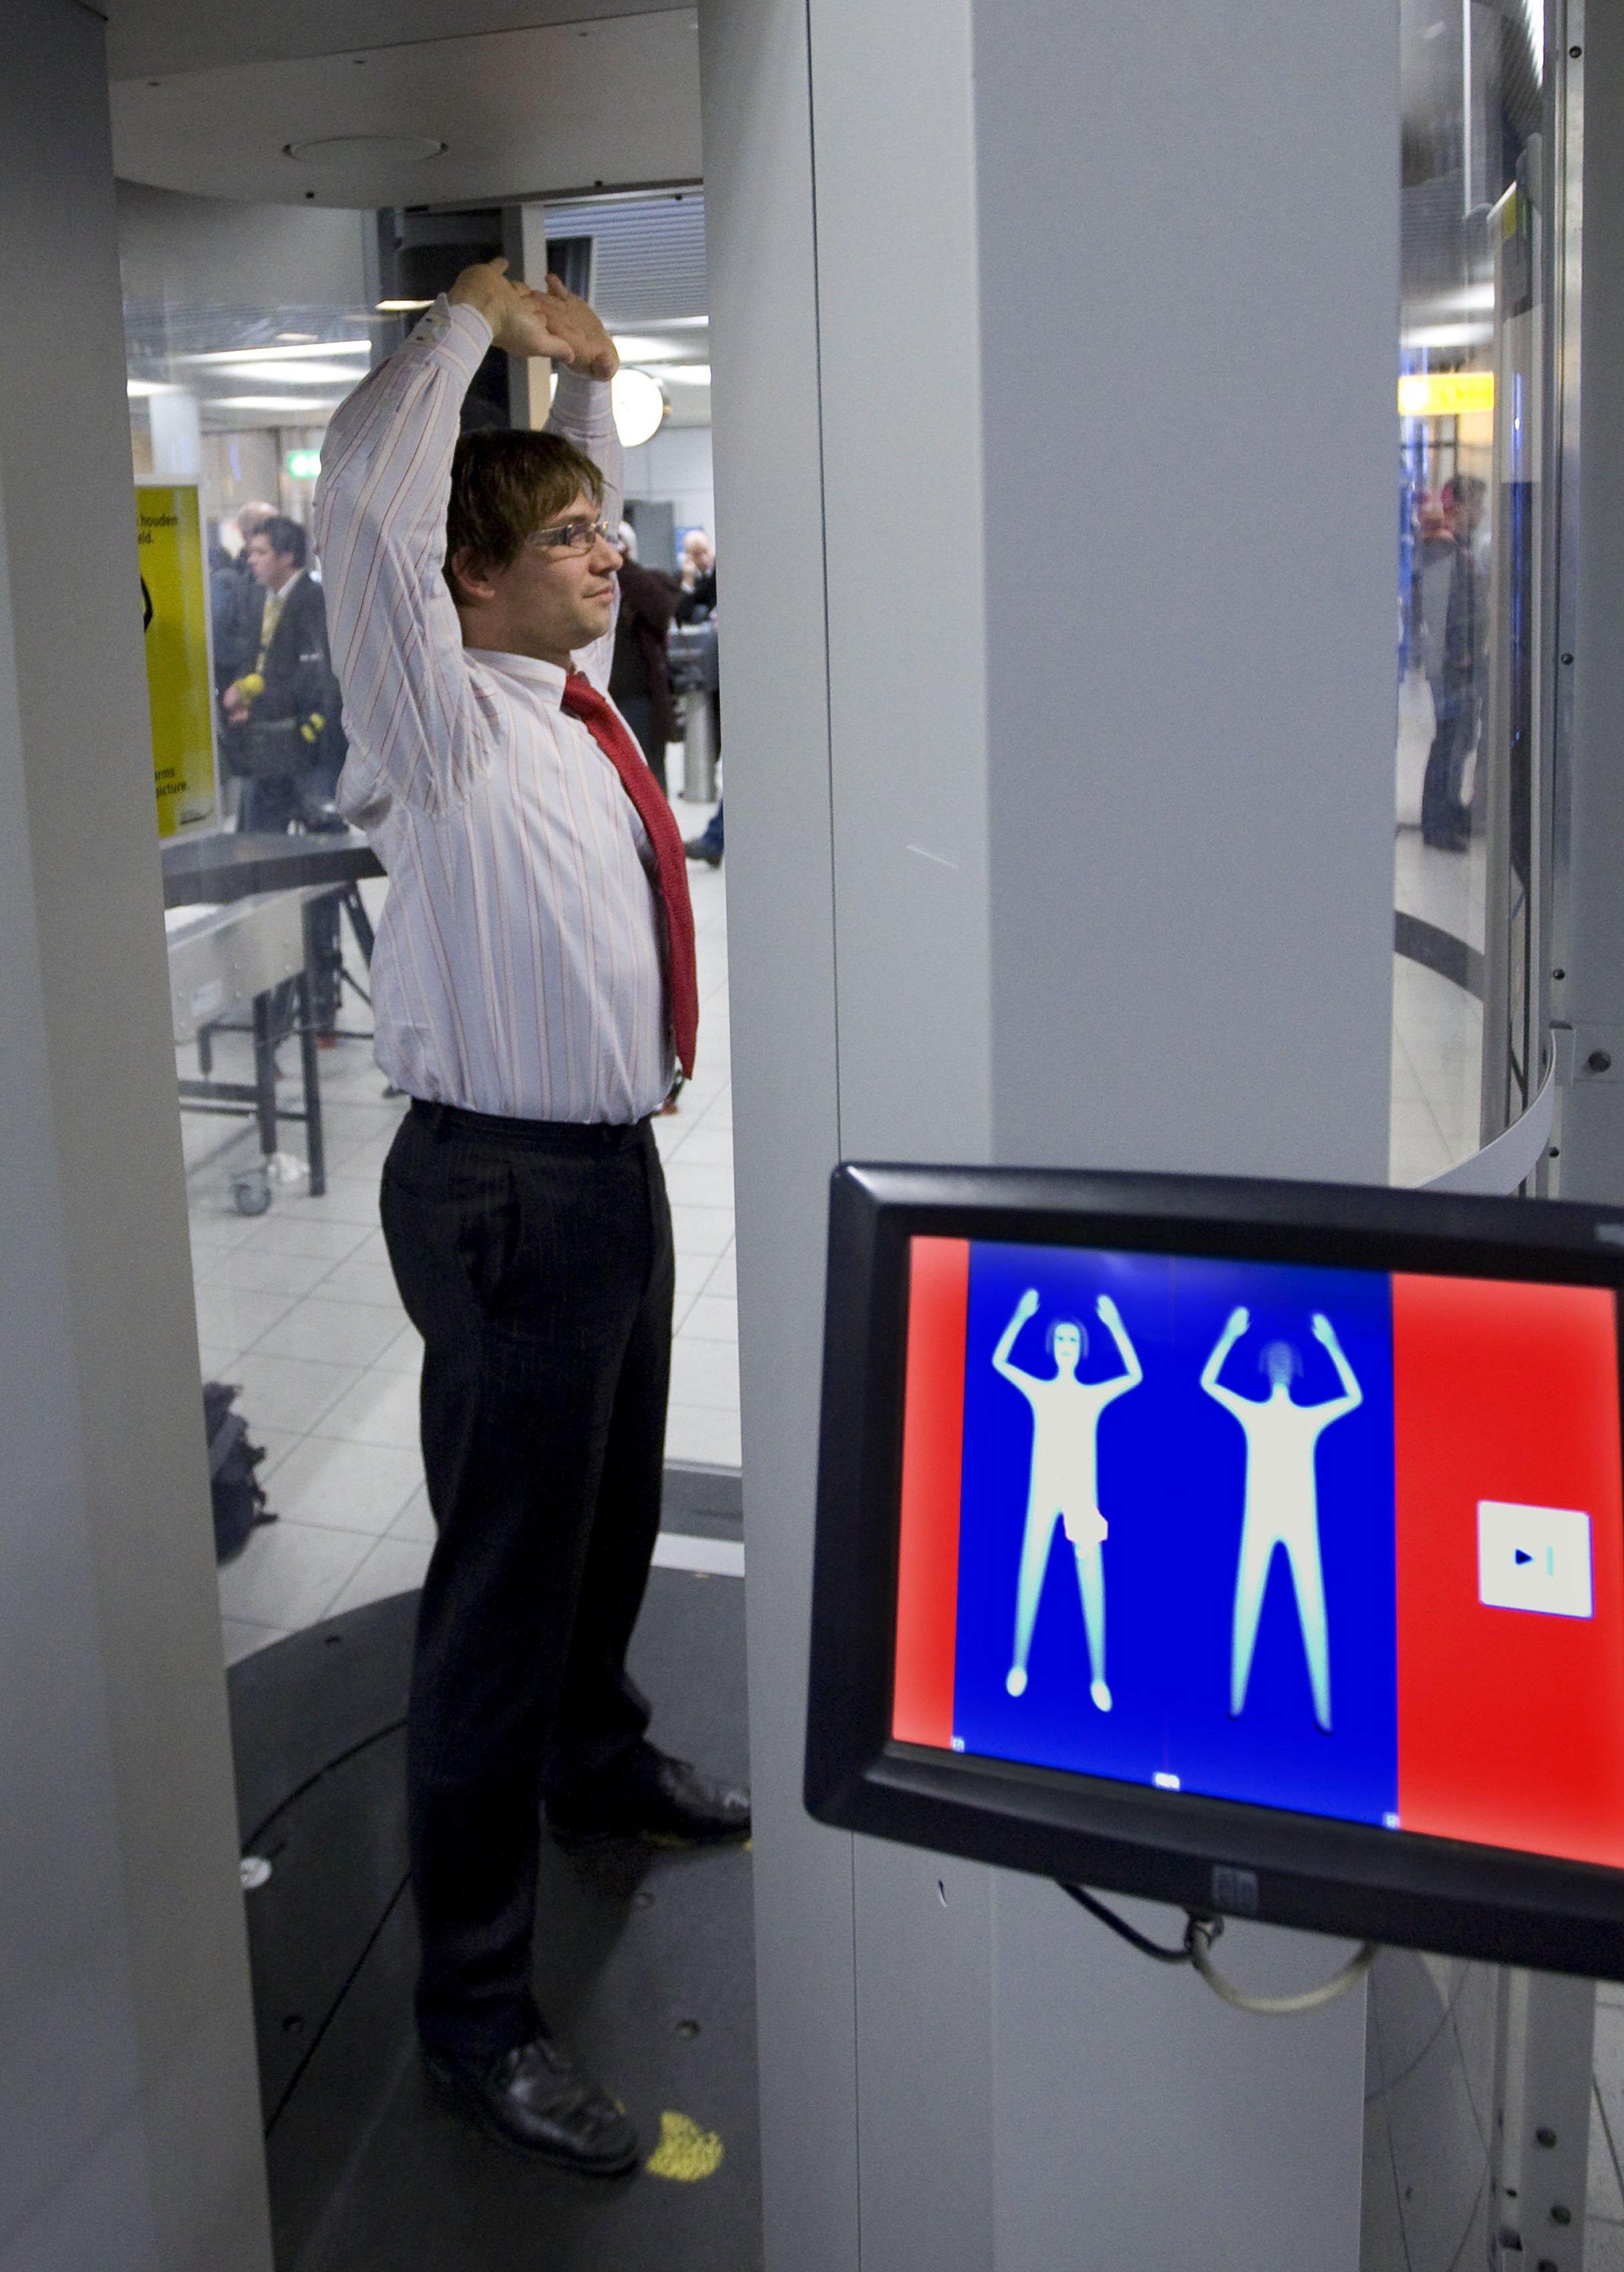 Kontrolle am Flughafen: Der mobile Scanner von Evolv Technologies ist eher für die neuen Ziele terroristischer Anschläge wie Nachtclubs, Einkaufszentren, Nahverkehrssysteme oder Stadien gedacht.